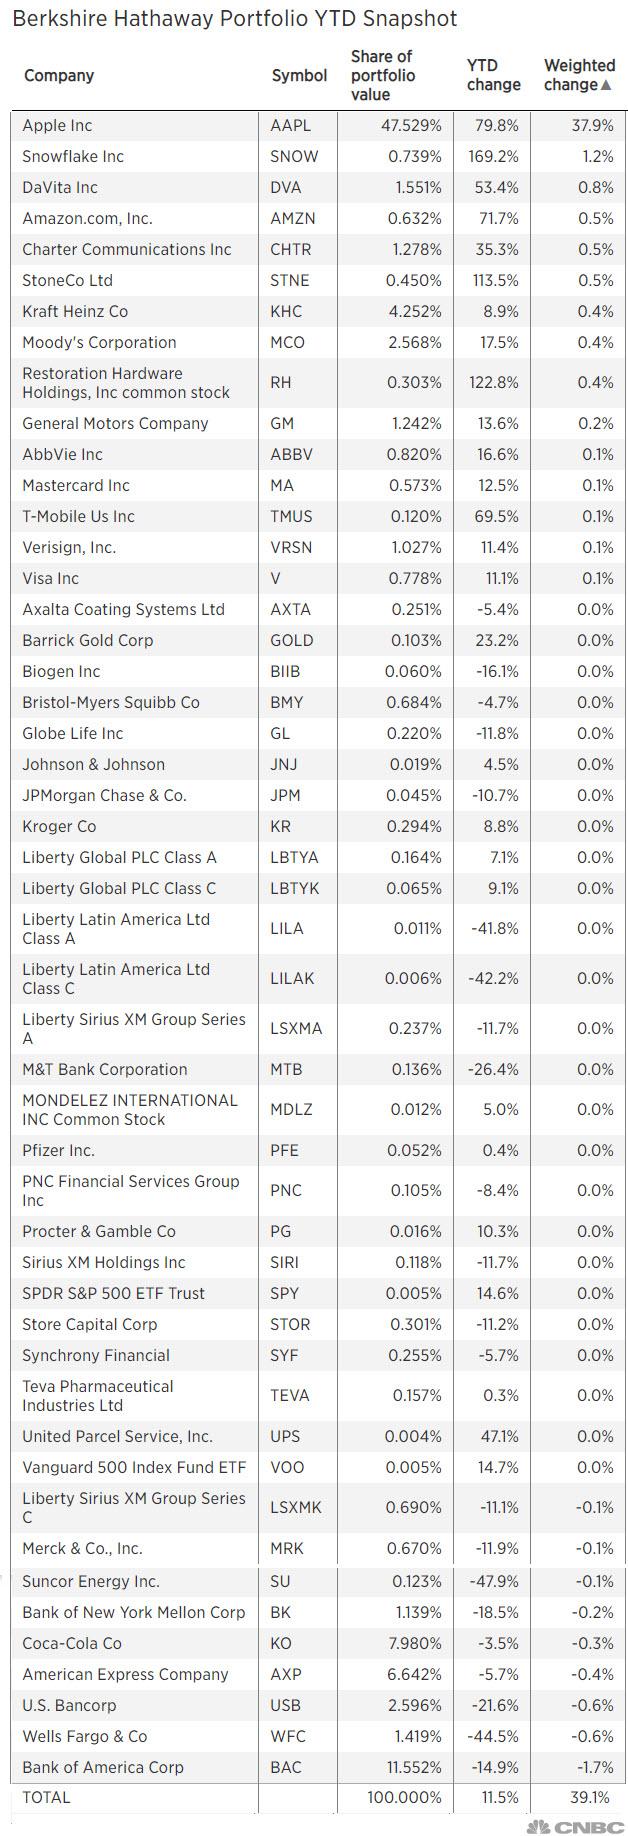 Berkshire Hathaway Portfolio YTD Snapshot